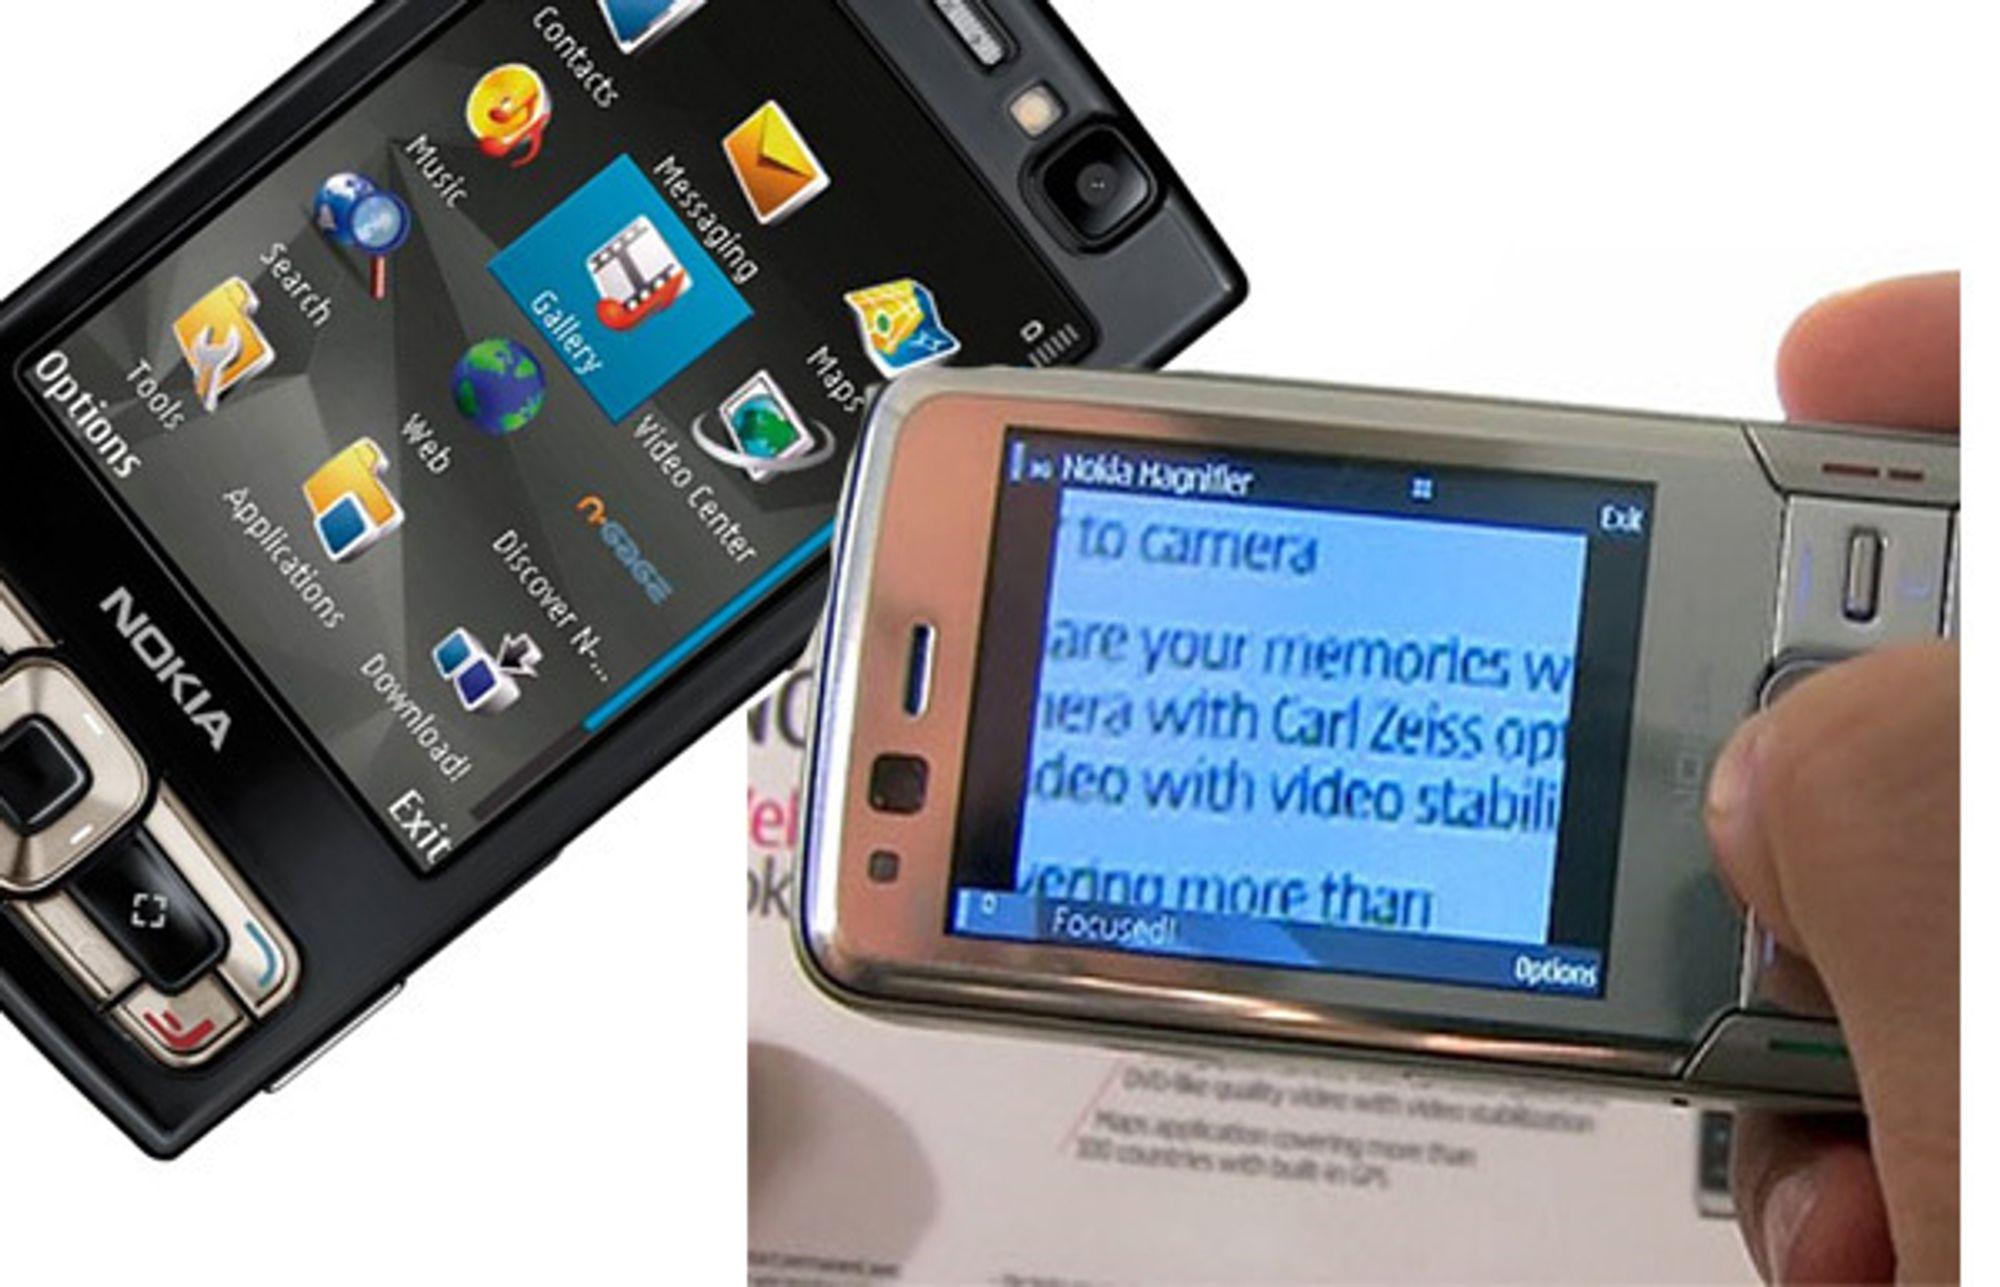 Nokia N95 er blant mobilene som kan ta i bruk Nokias nye forstørrelsesglassprogram Magnifier.